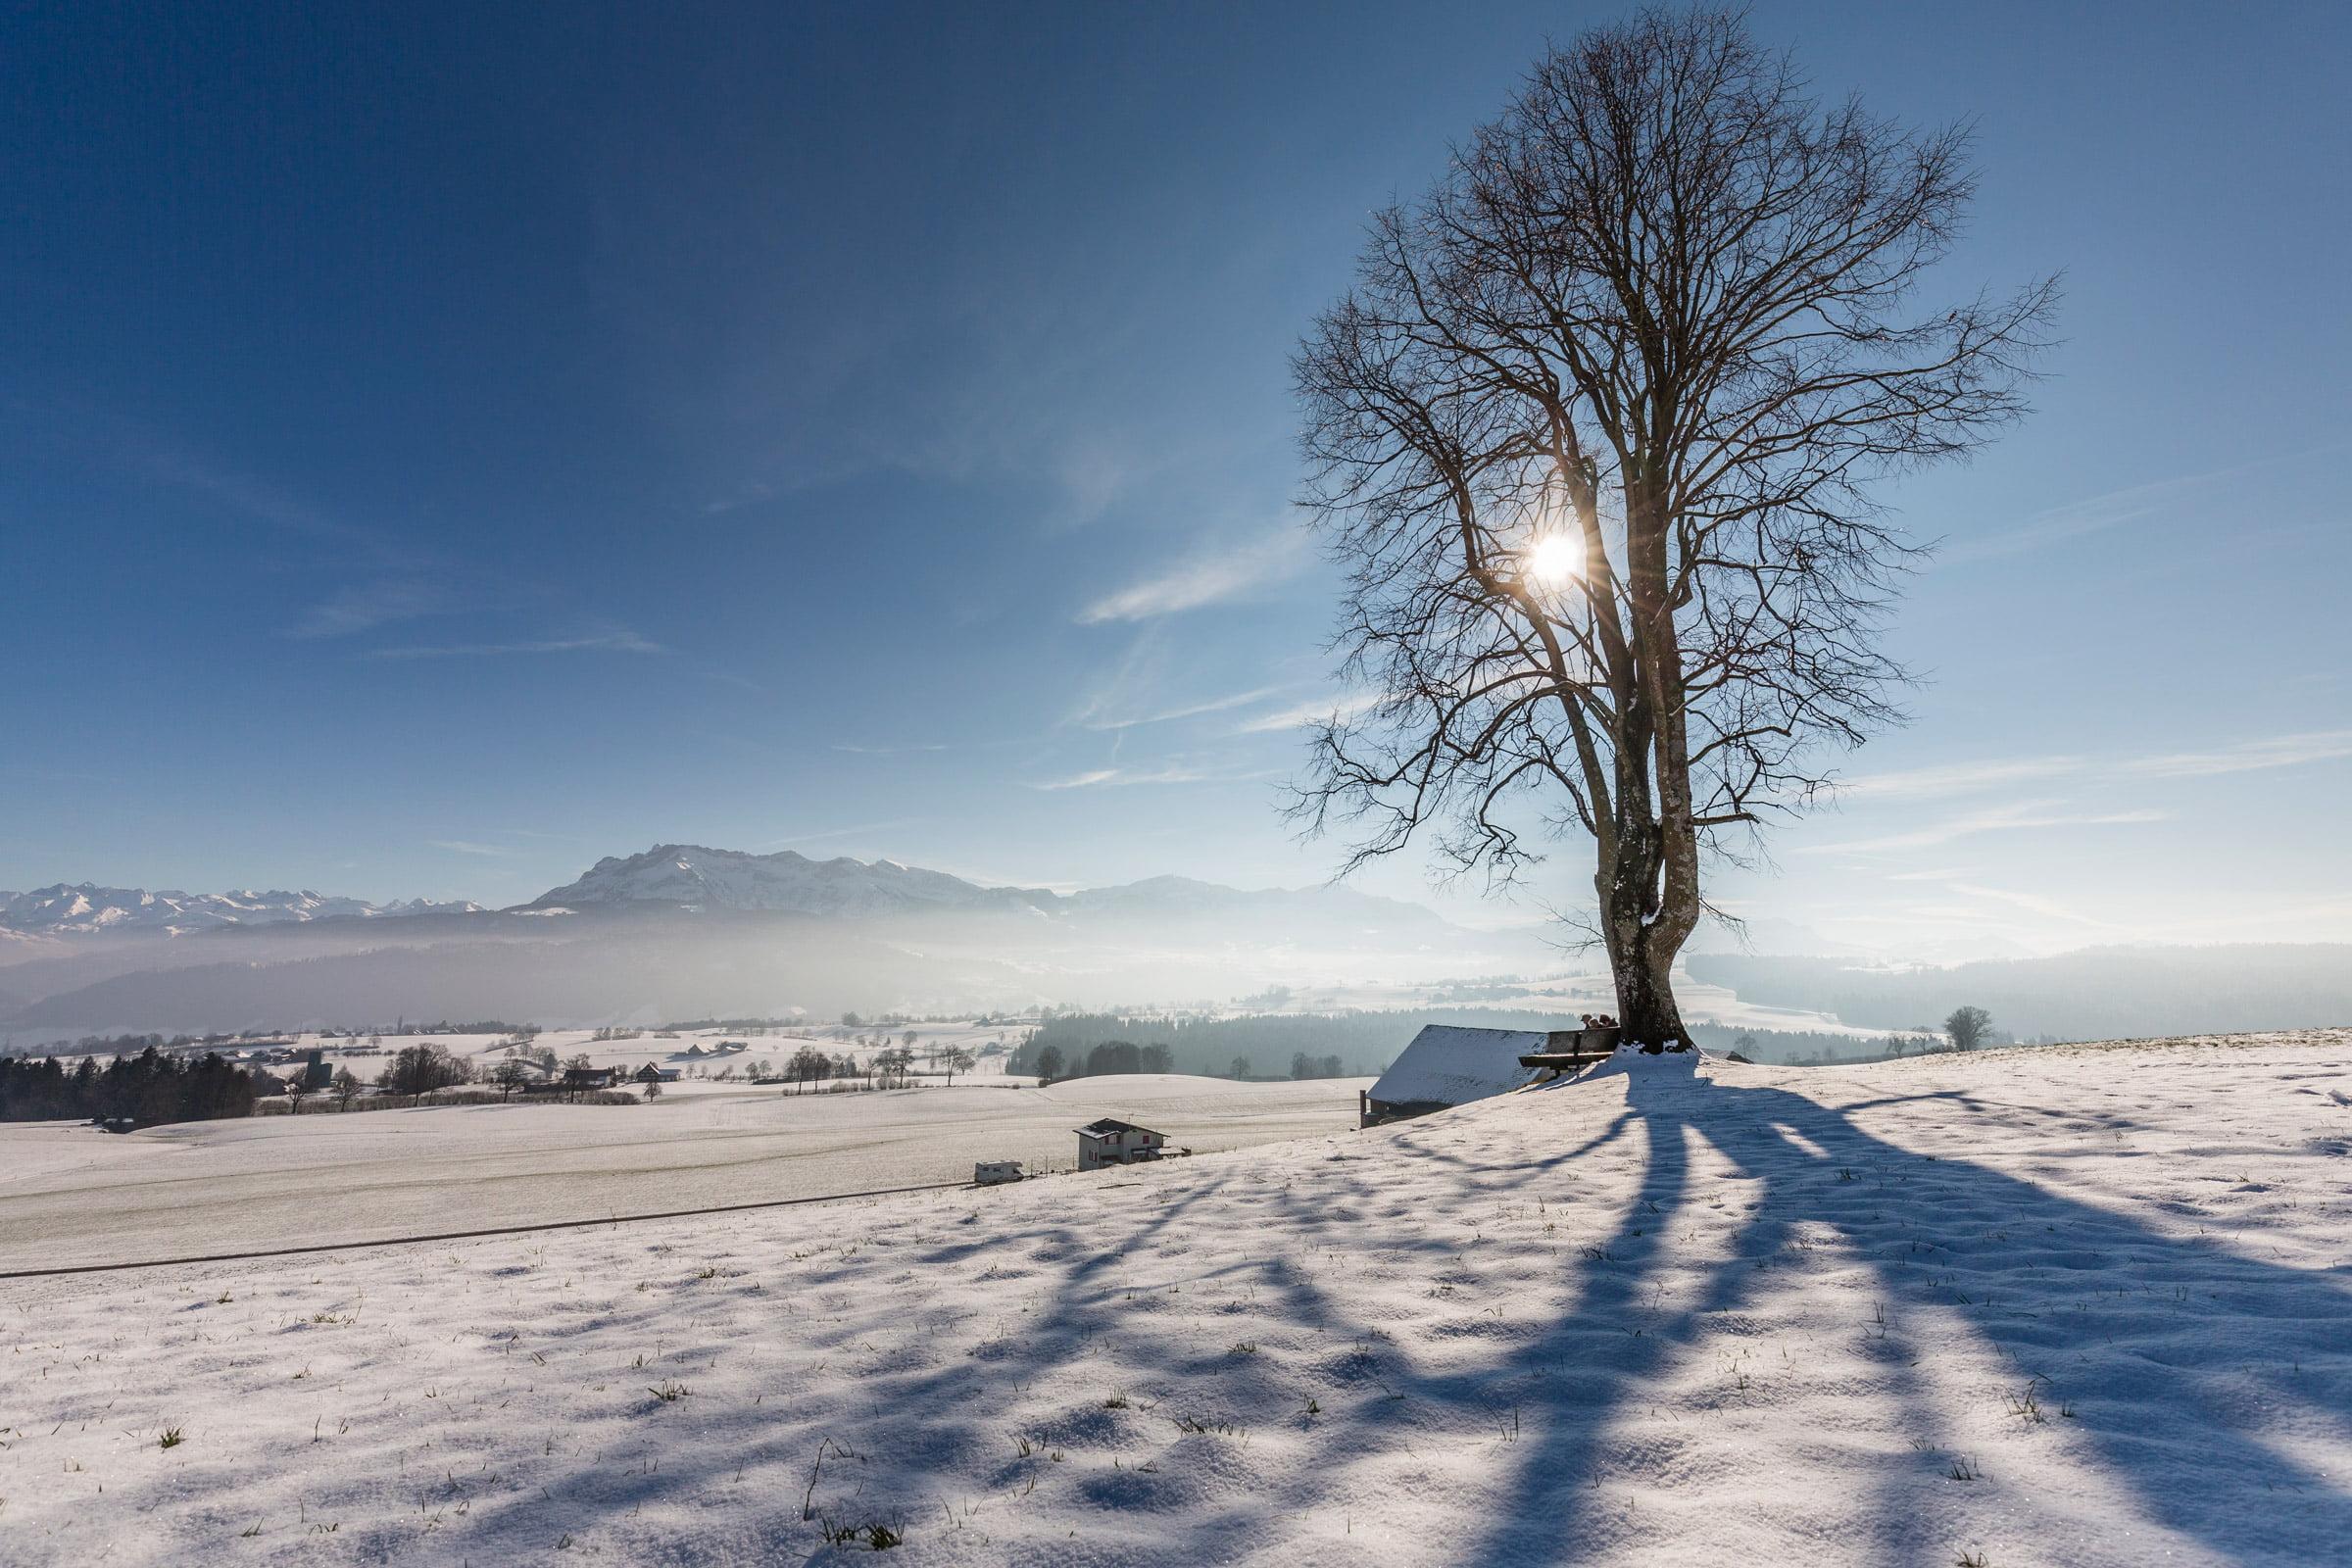 Die Höhe Huob wird weitherum durch eine stattlichen Baum gekennzeichnet